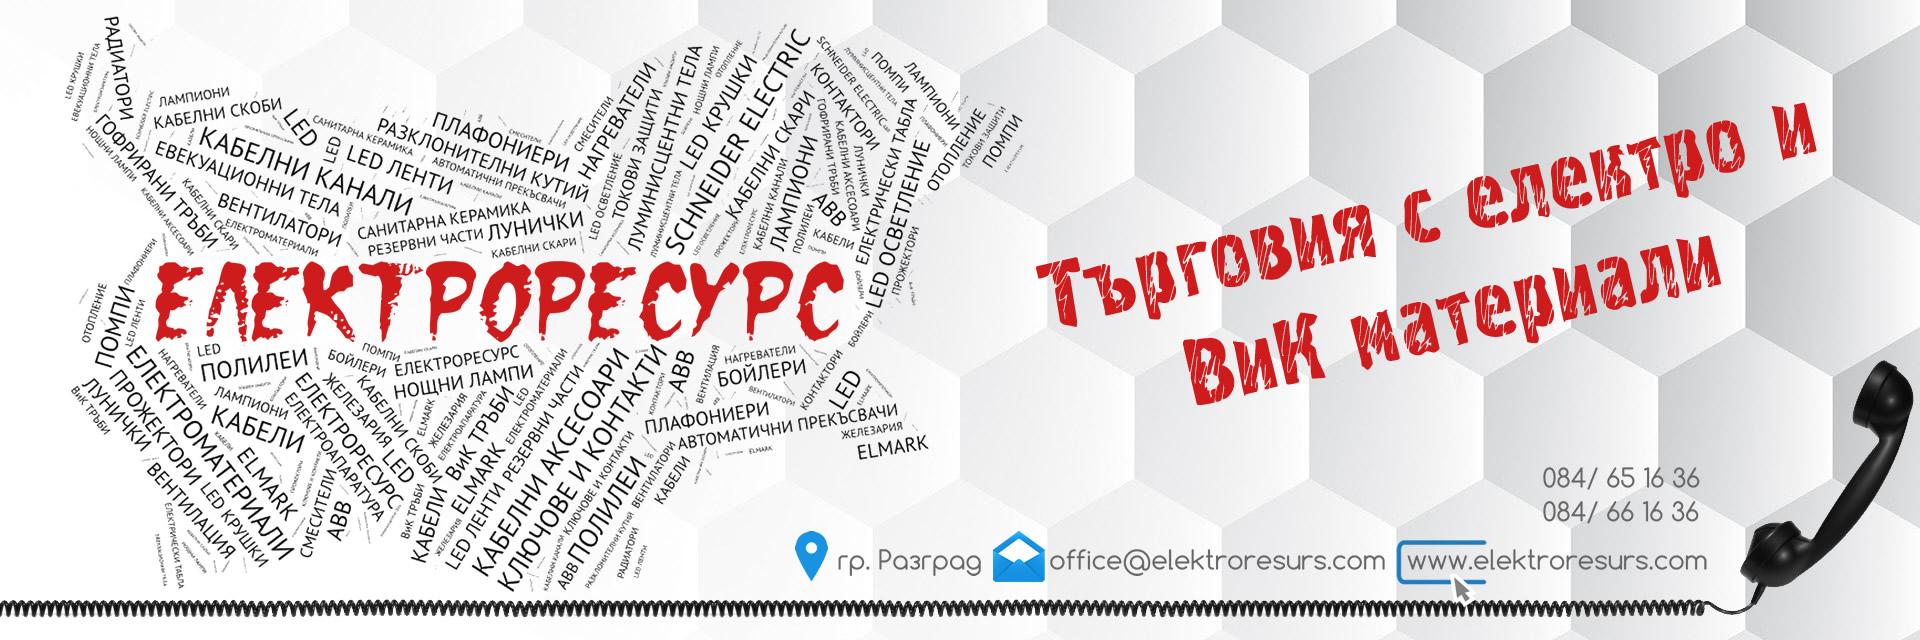 title_61464f841b23717935887541631997828